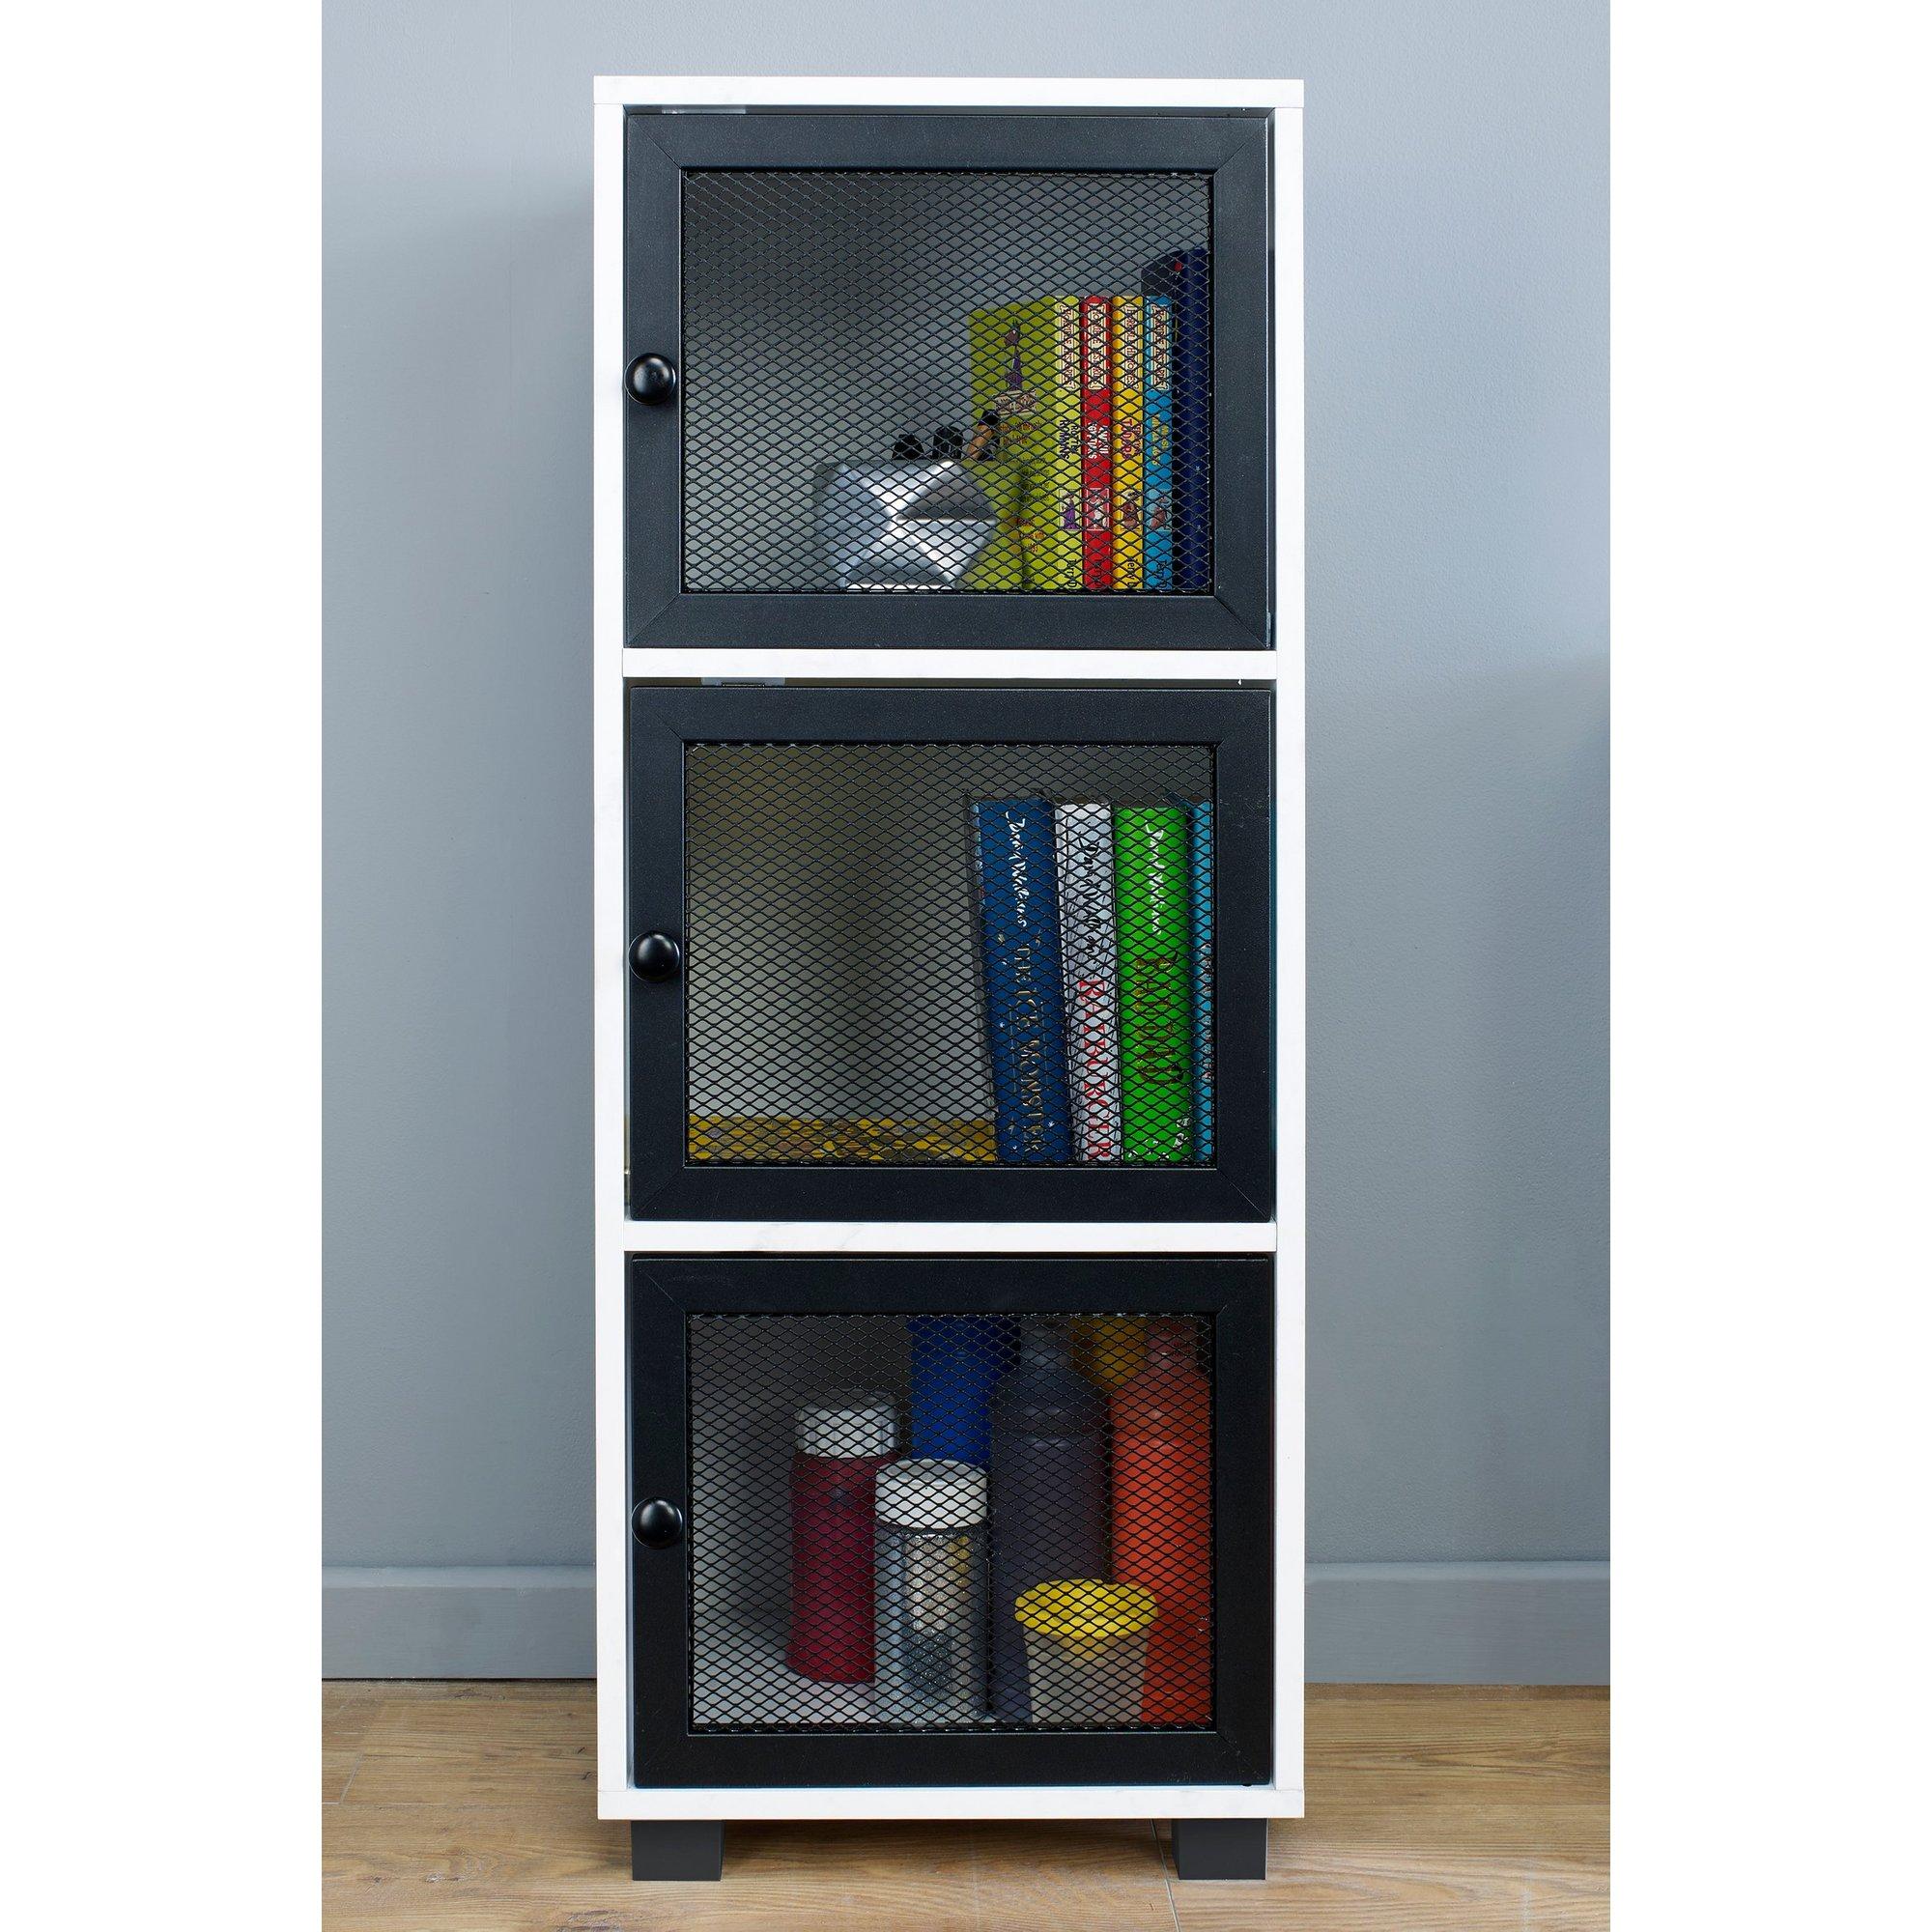 Image of 3 Door Cabinet with Mesh Doors